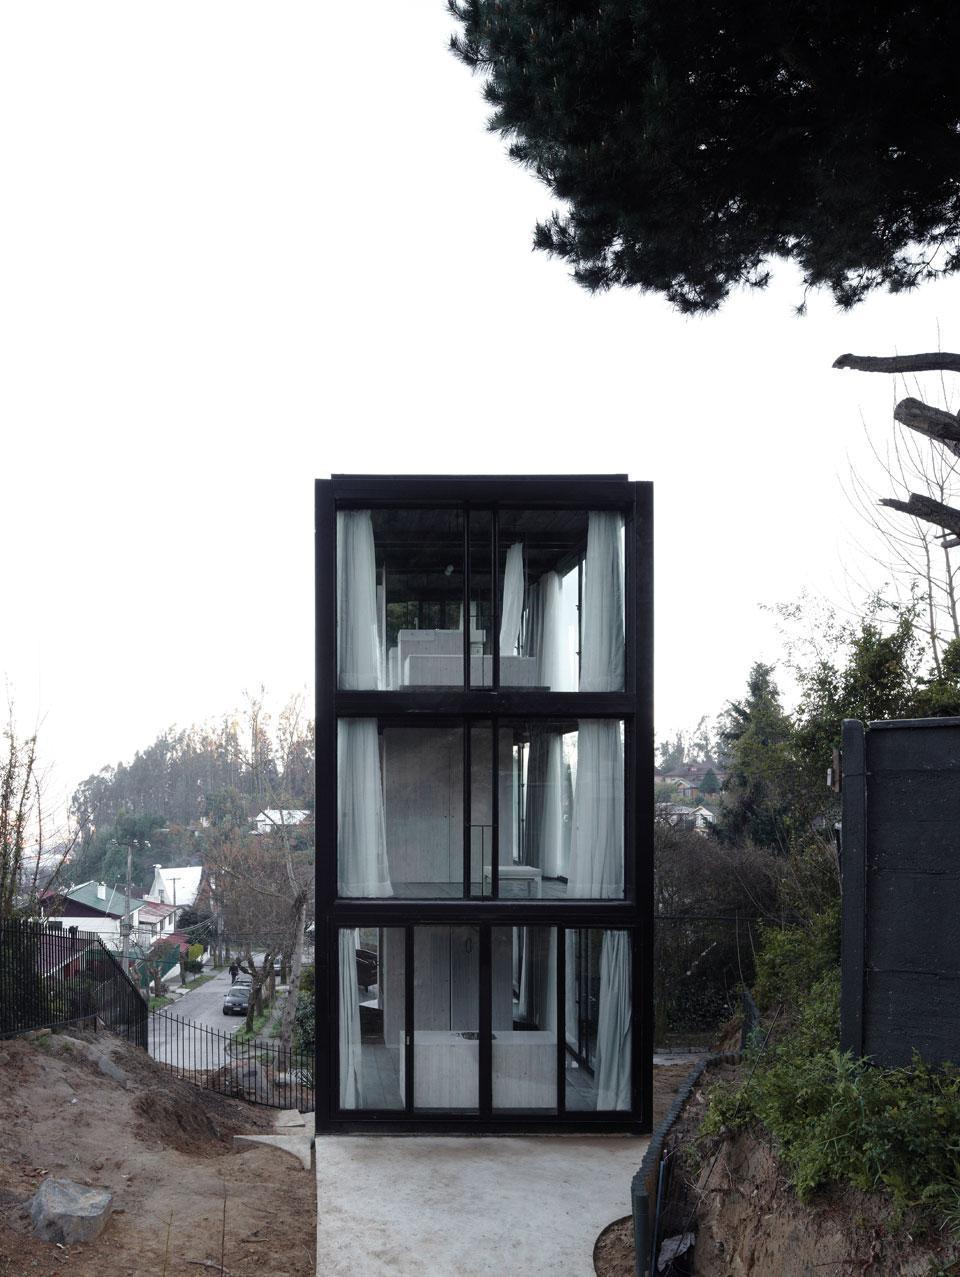 ARCO HOUSE